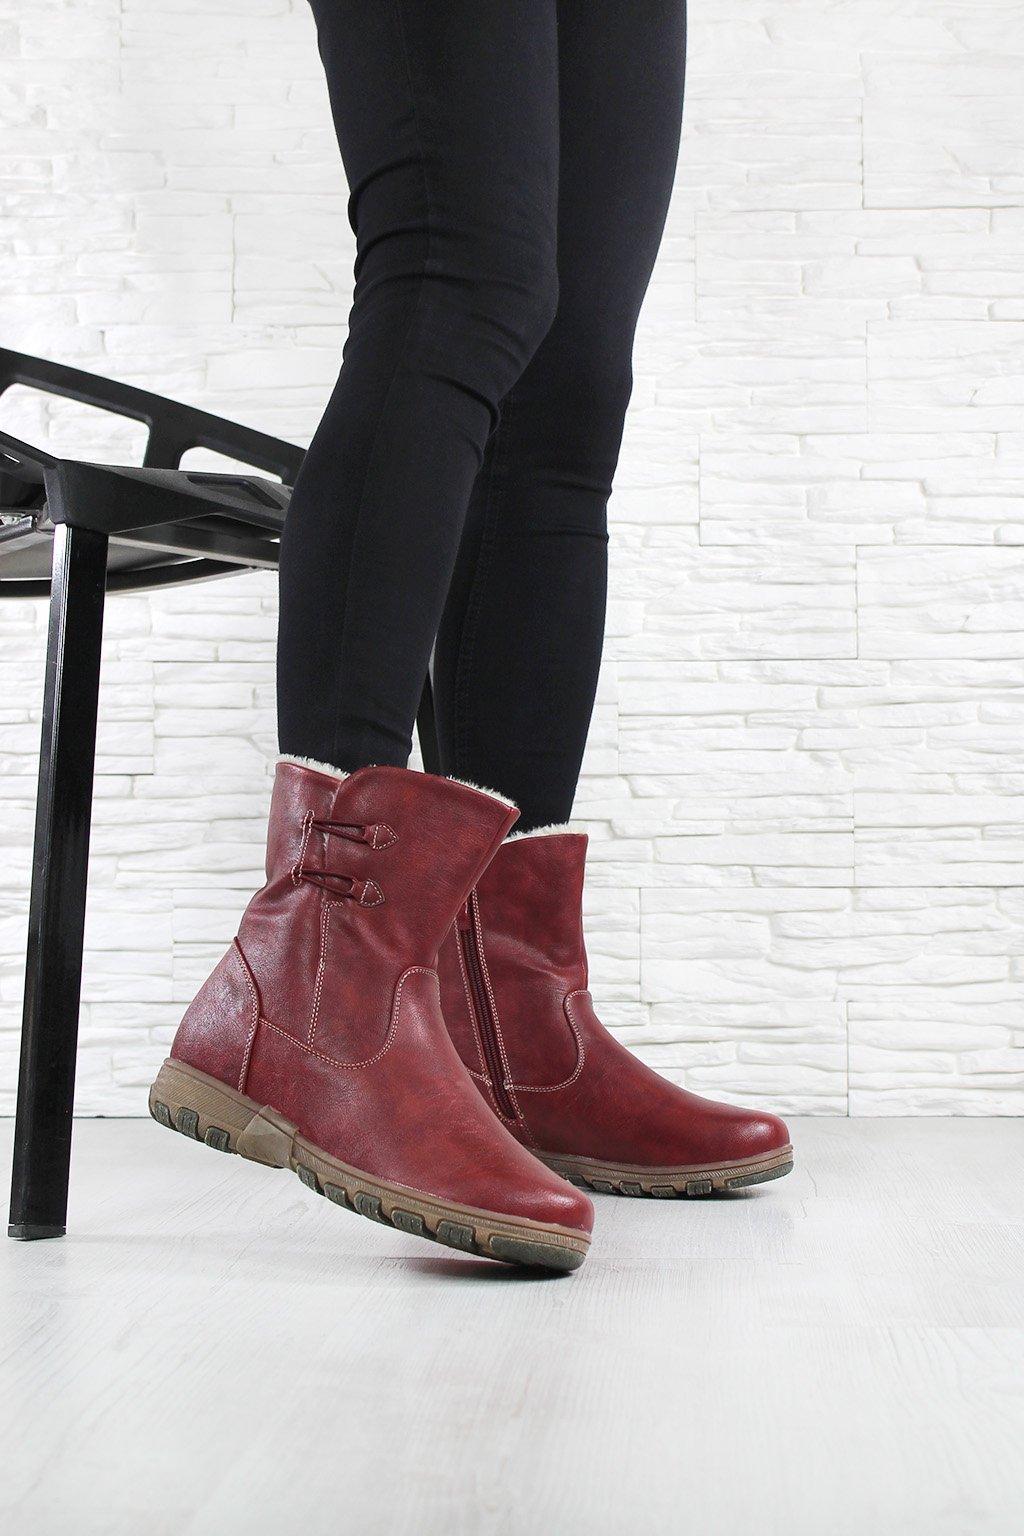 Dámské kotníkové boty 5751 4R (3)